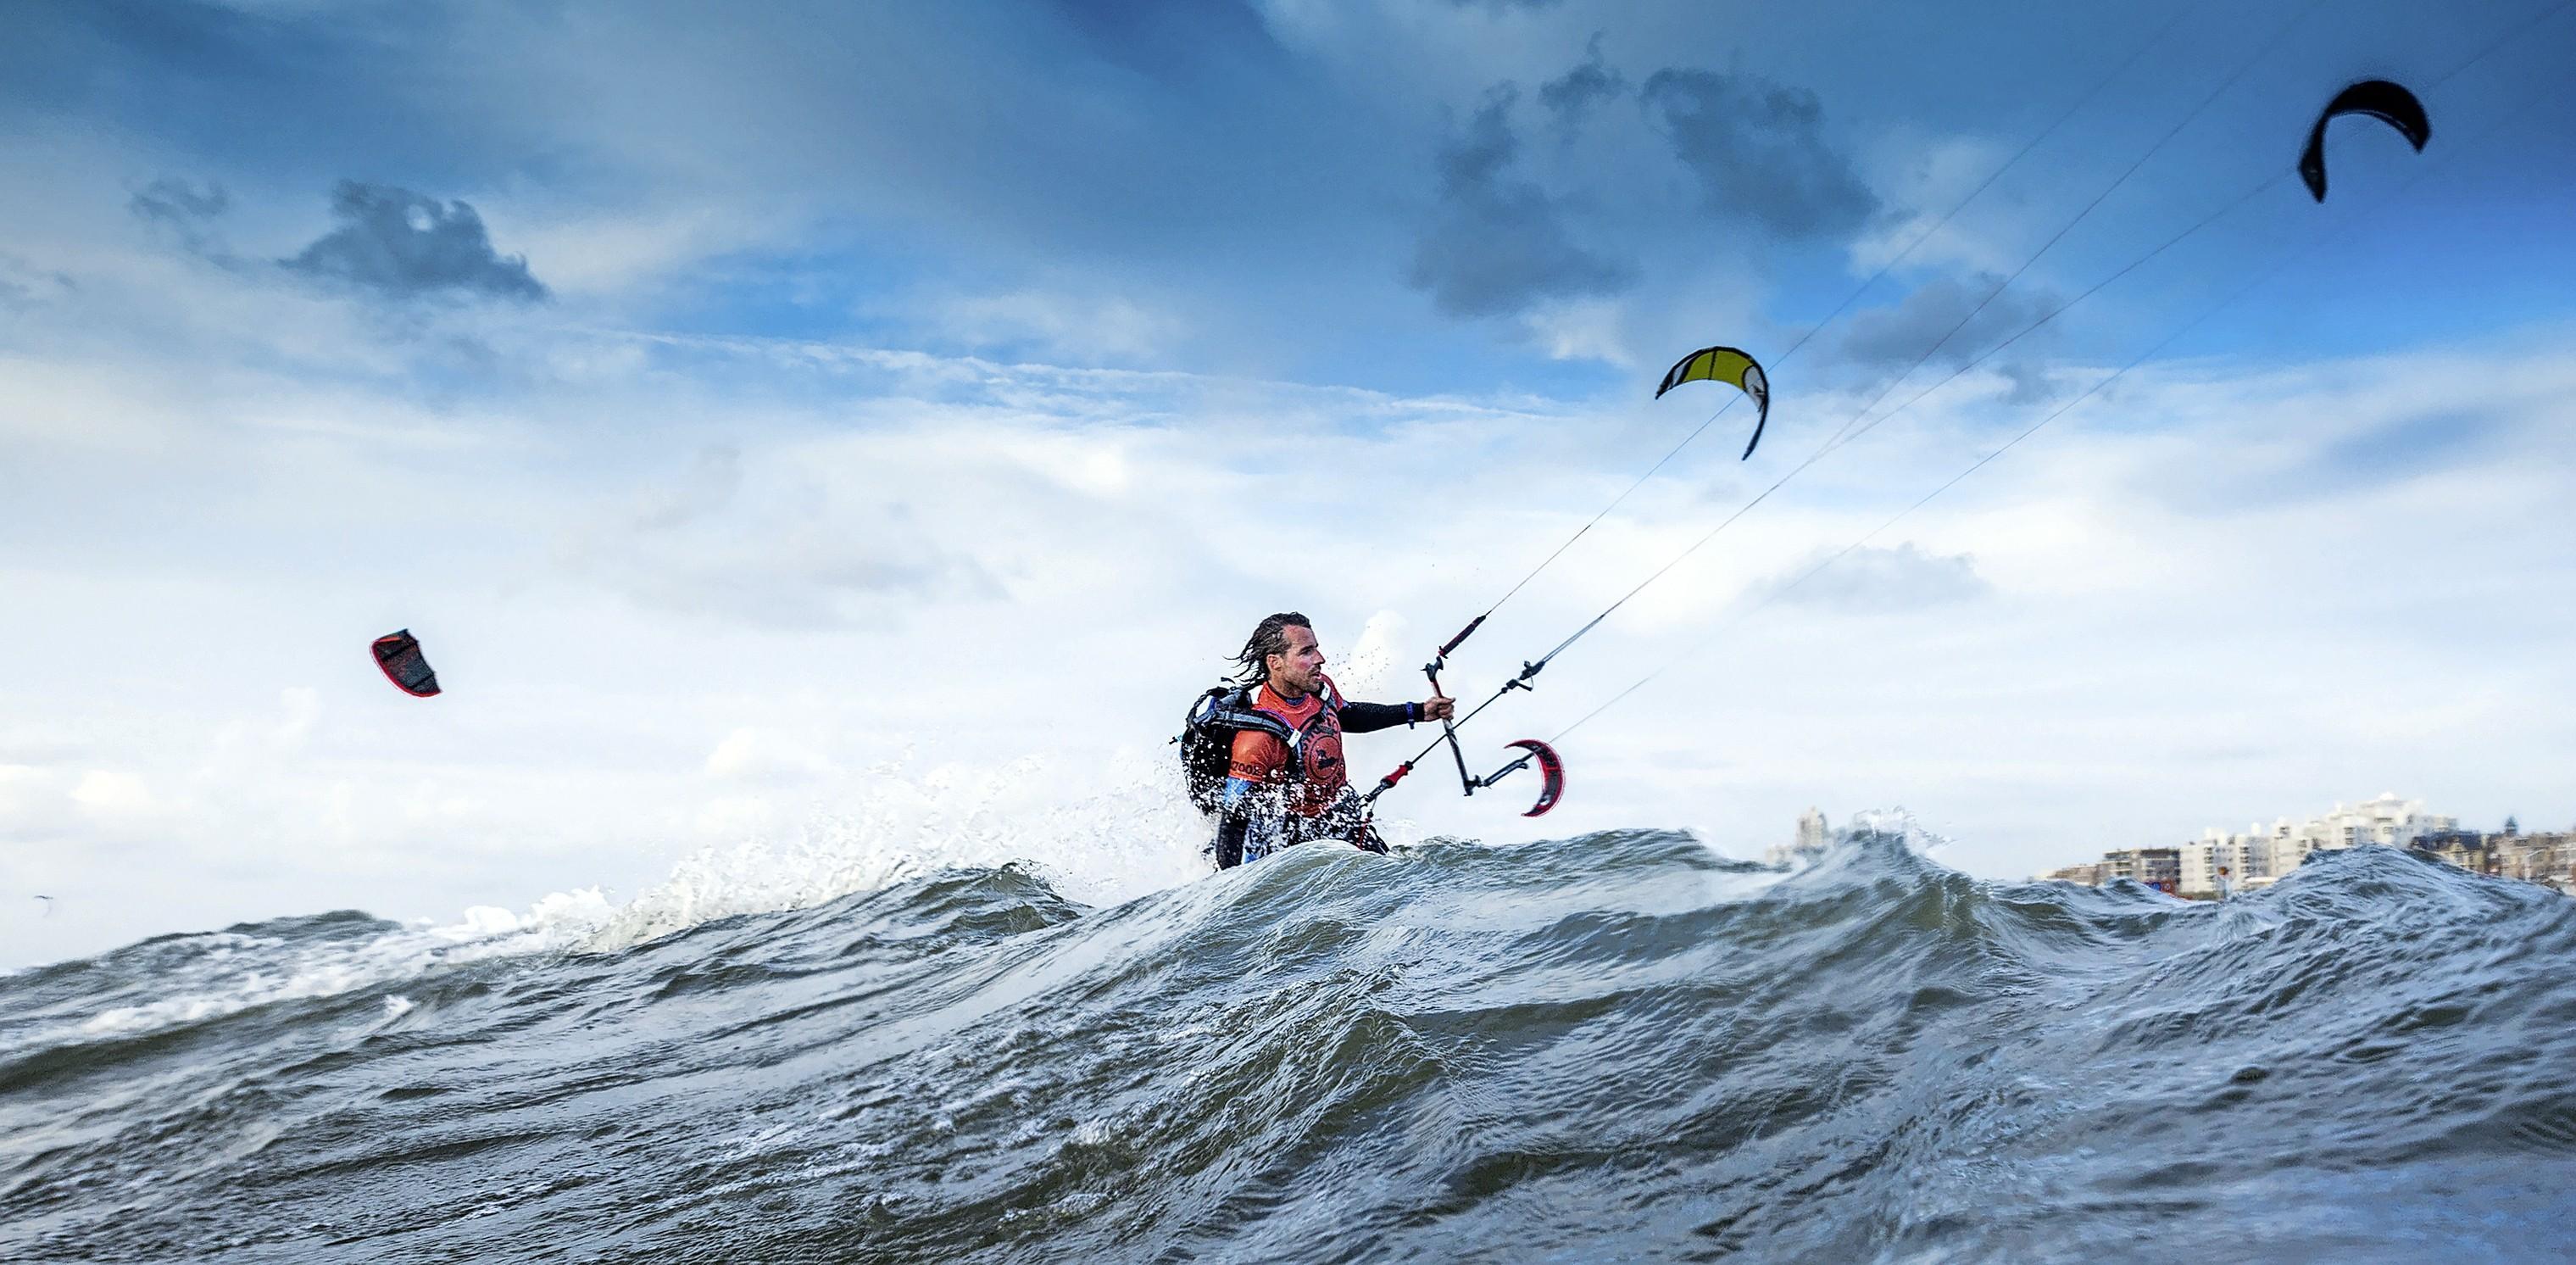 Surfen en durven met de kop in de wind. Plastic soup surfer Merijn Tinga schrijft boek over zijn strijd tegen zwerfafval